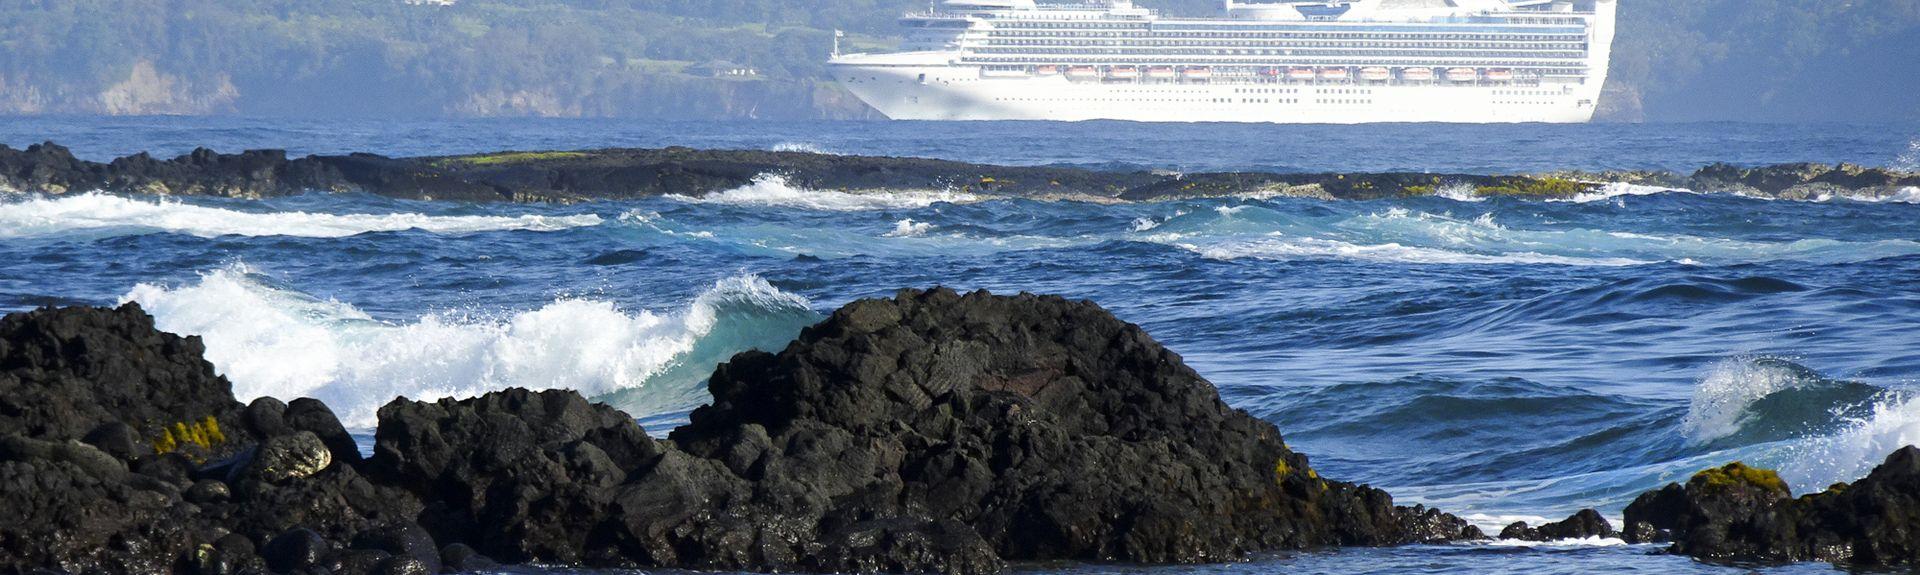 Pahala, Hawaii, United States of America